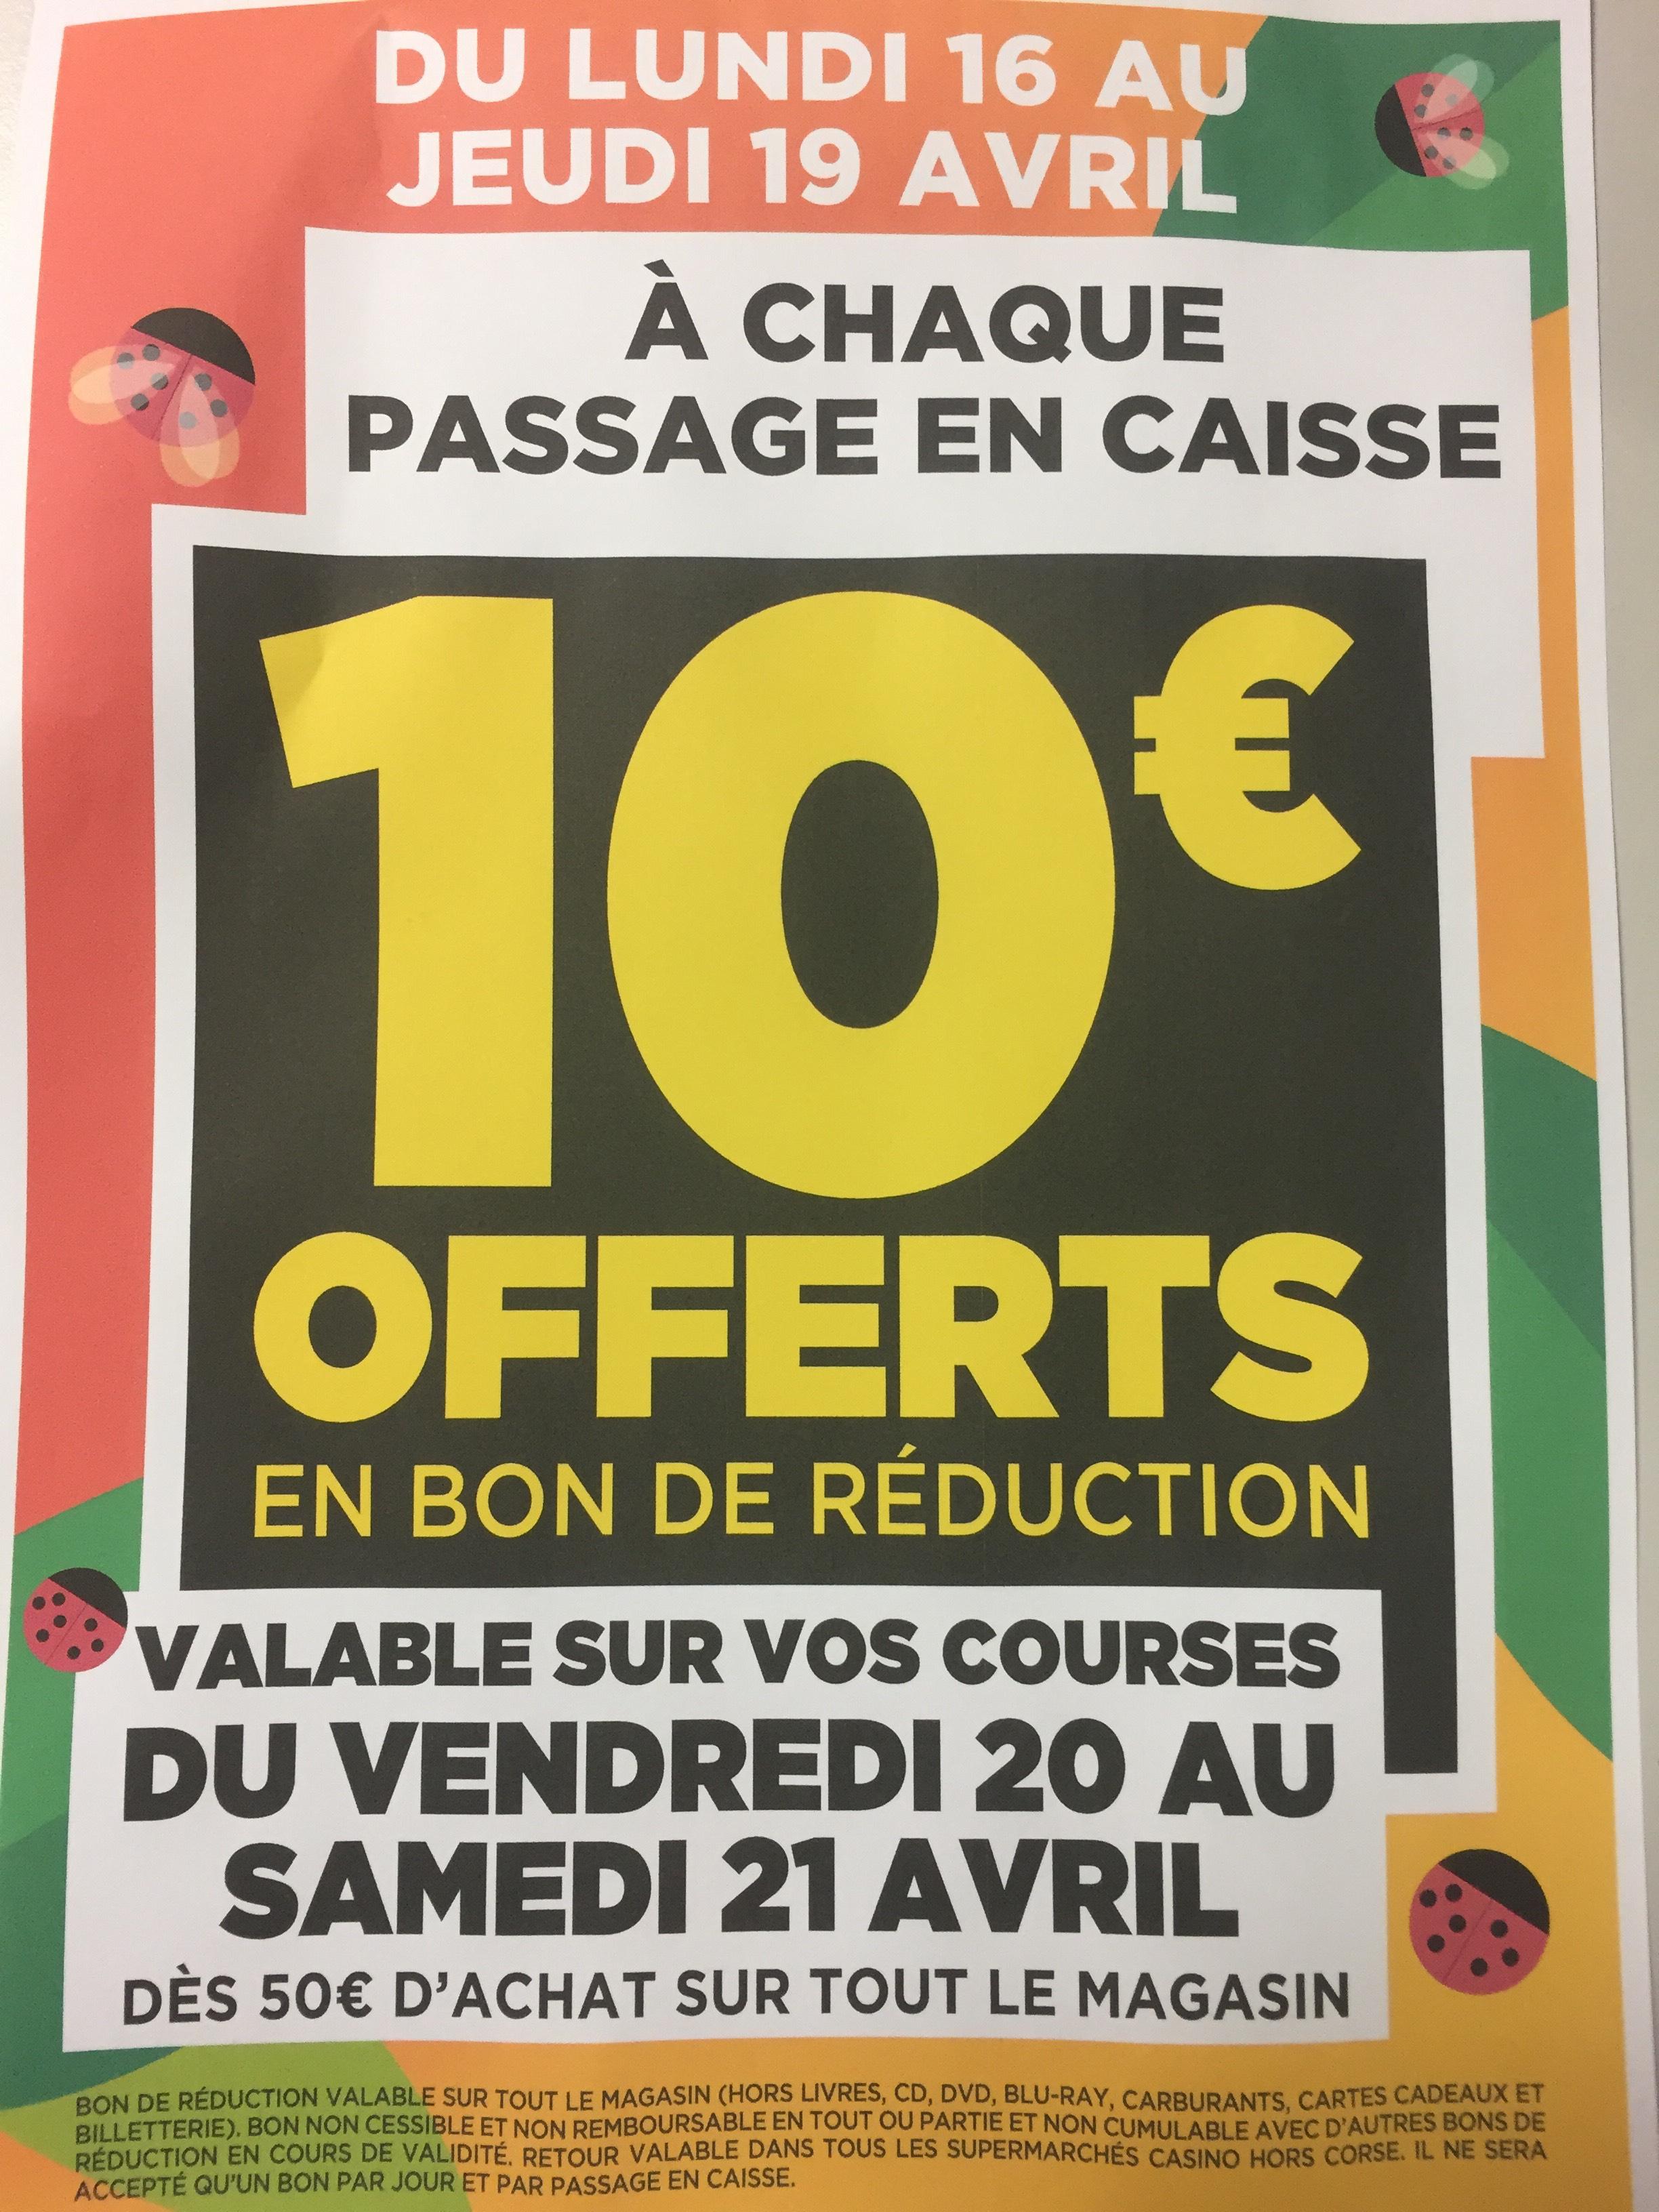 10€ offerts en bon d'achat à chaque passage en caisse , valable pour 50€ de course - Hyères (83)